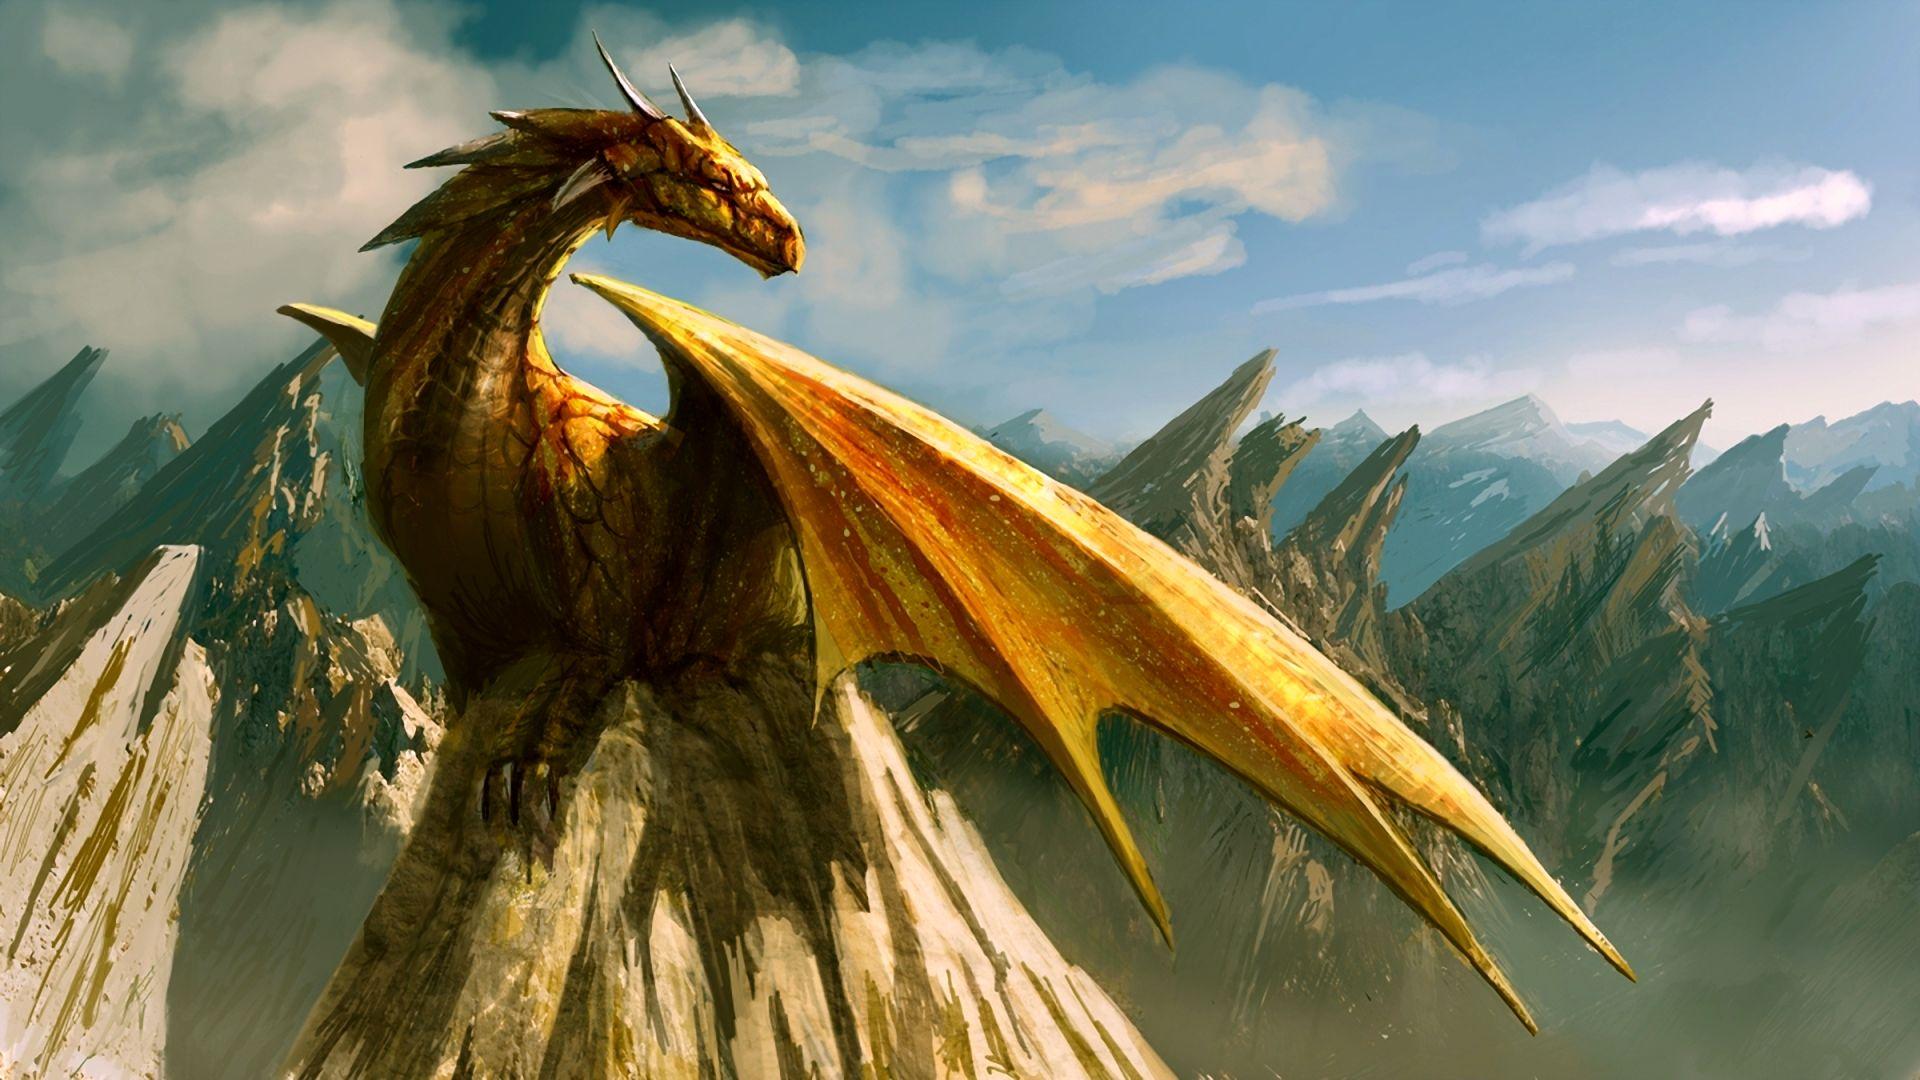 Красивые обои и картинки драконов для рабочего стола - подборка 2